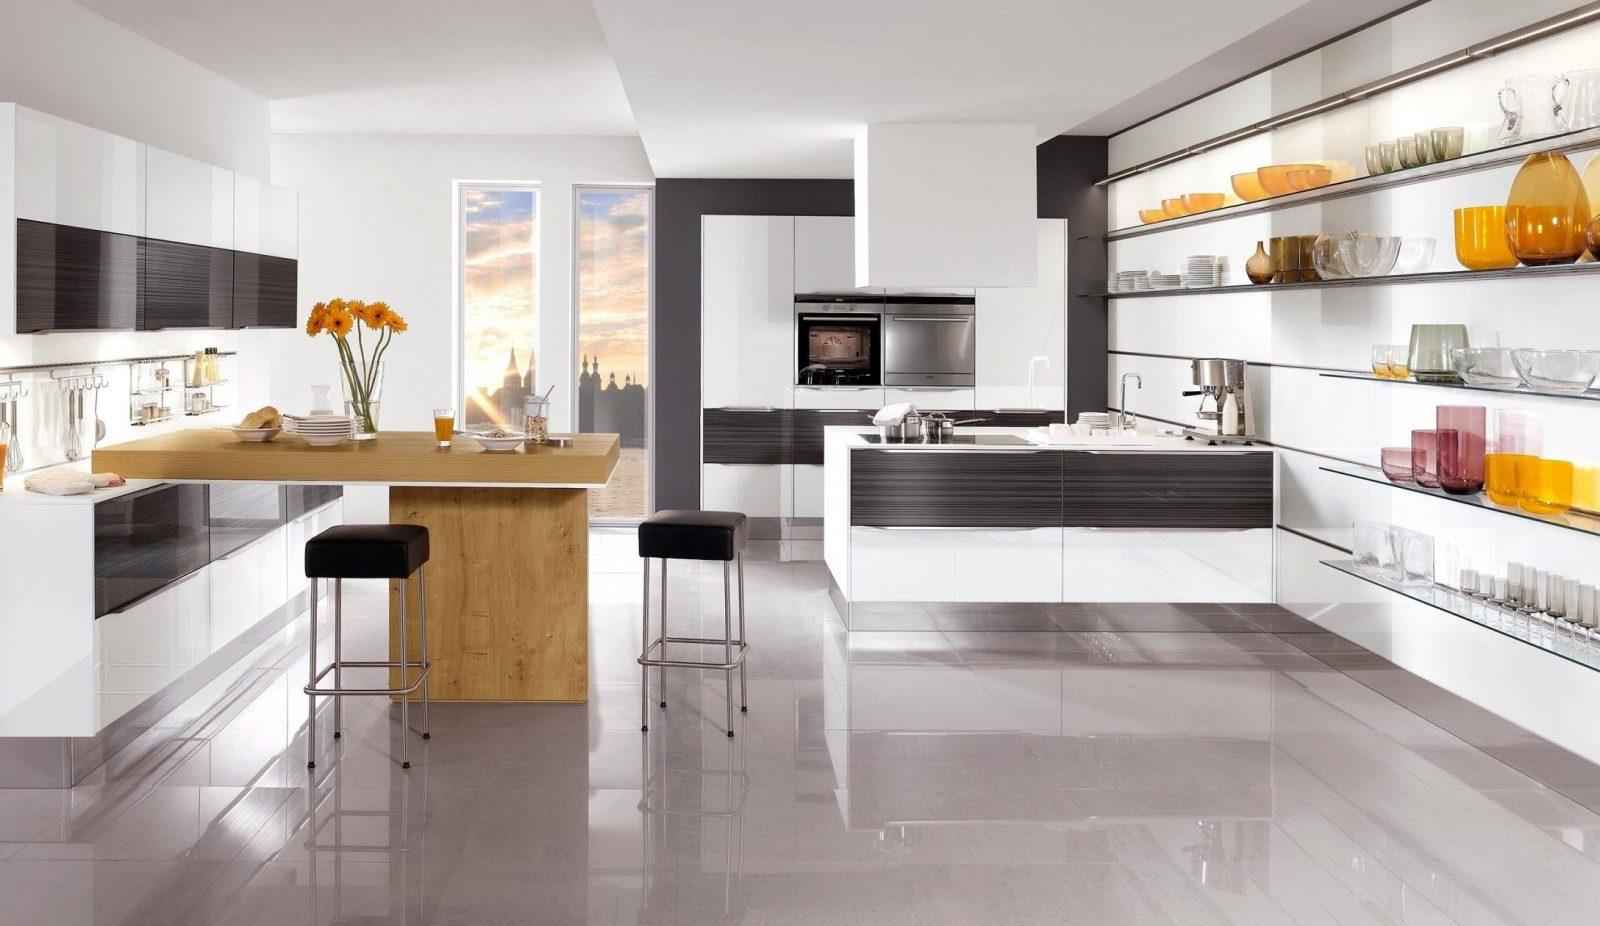 Wandverkleidung Küche Selber Machen Nouveau Atemberaubend Qvc Küche von Wandverkleidung Küche Selber Machen Photo